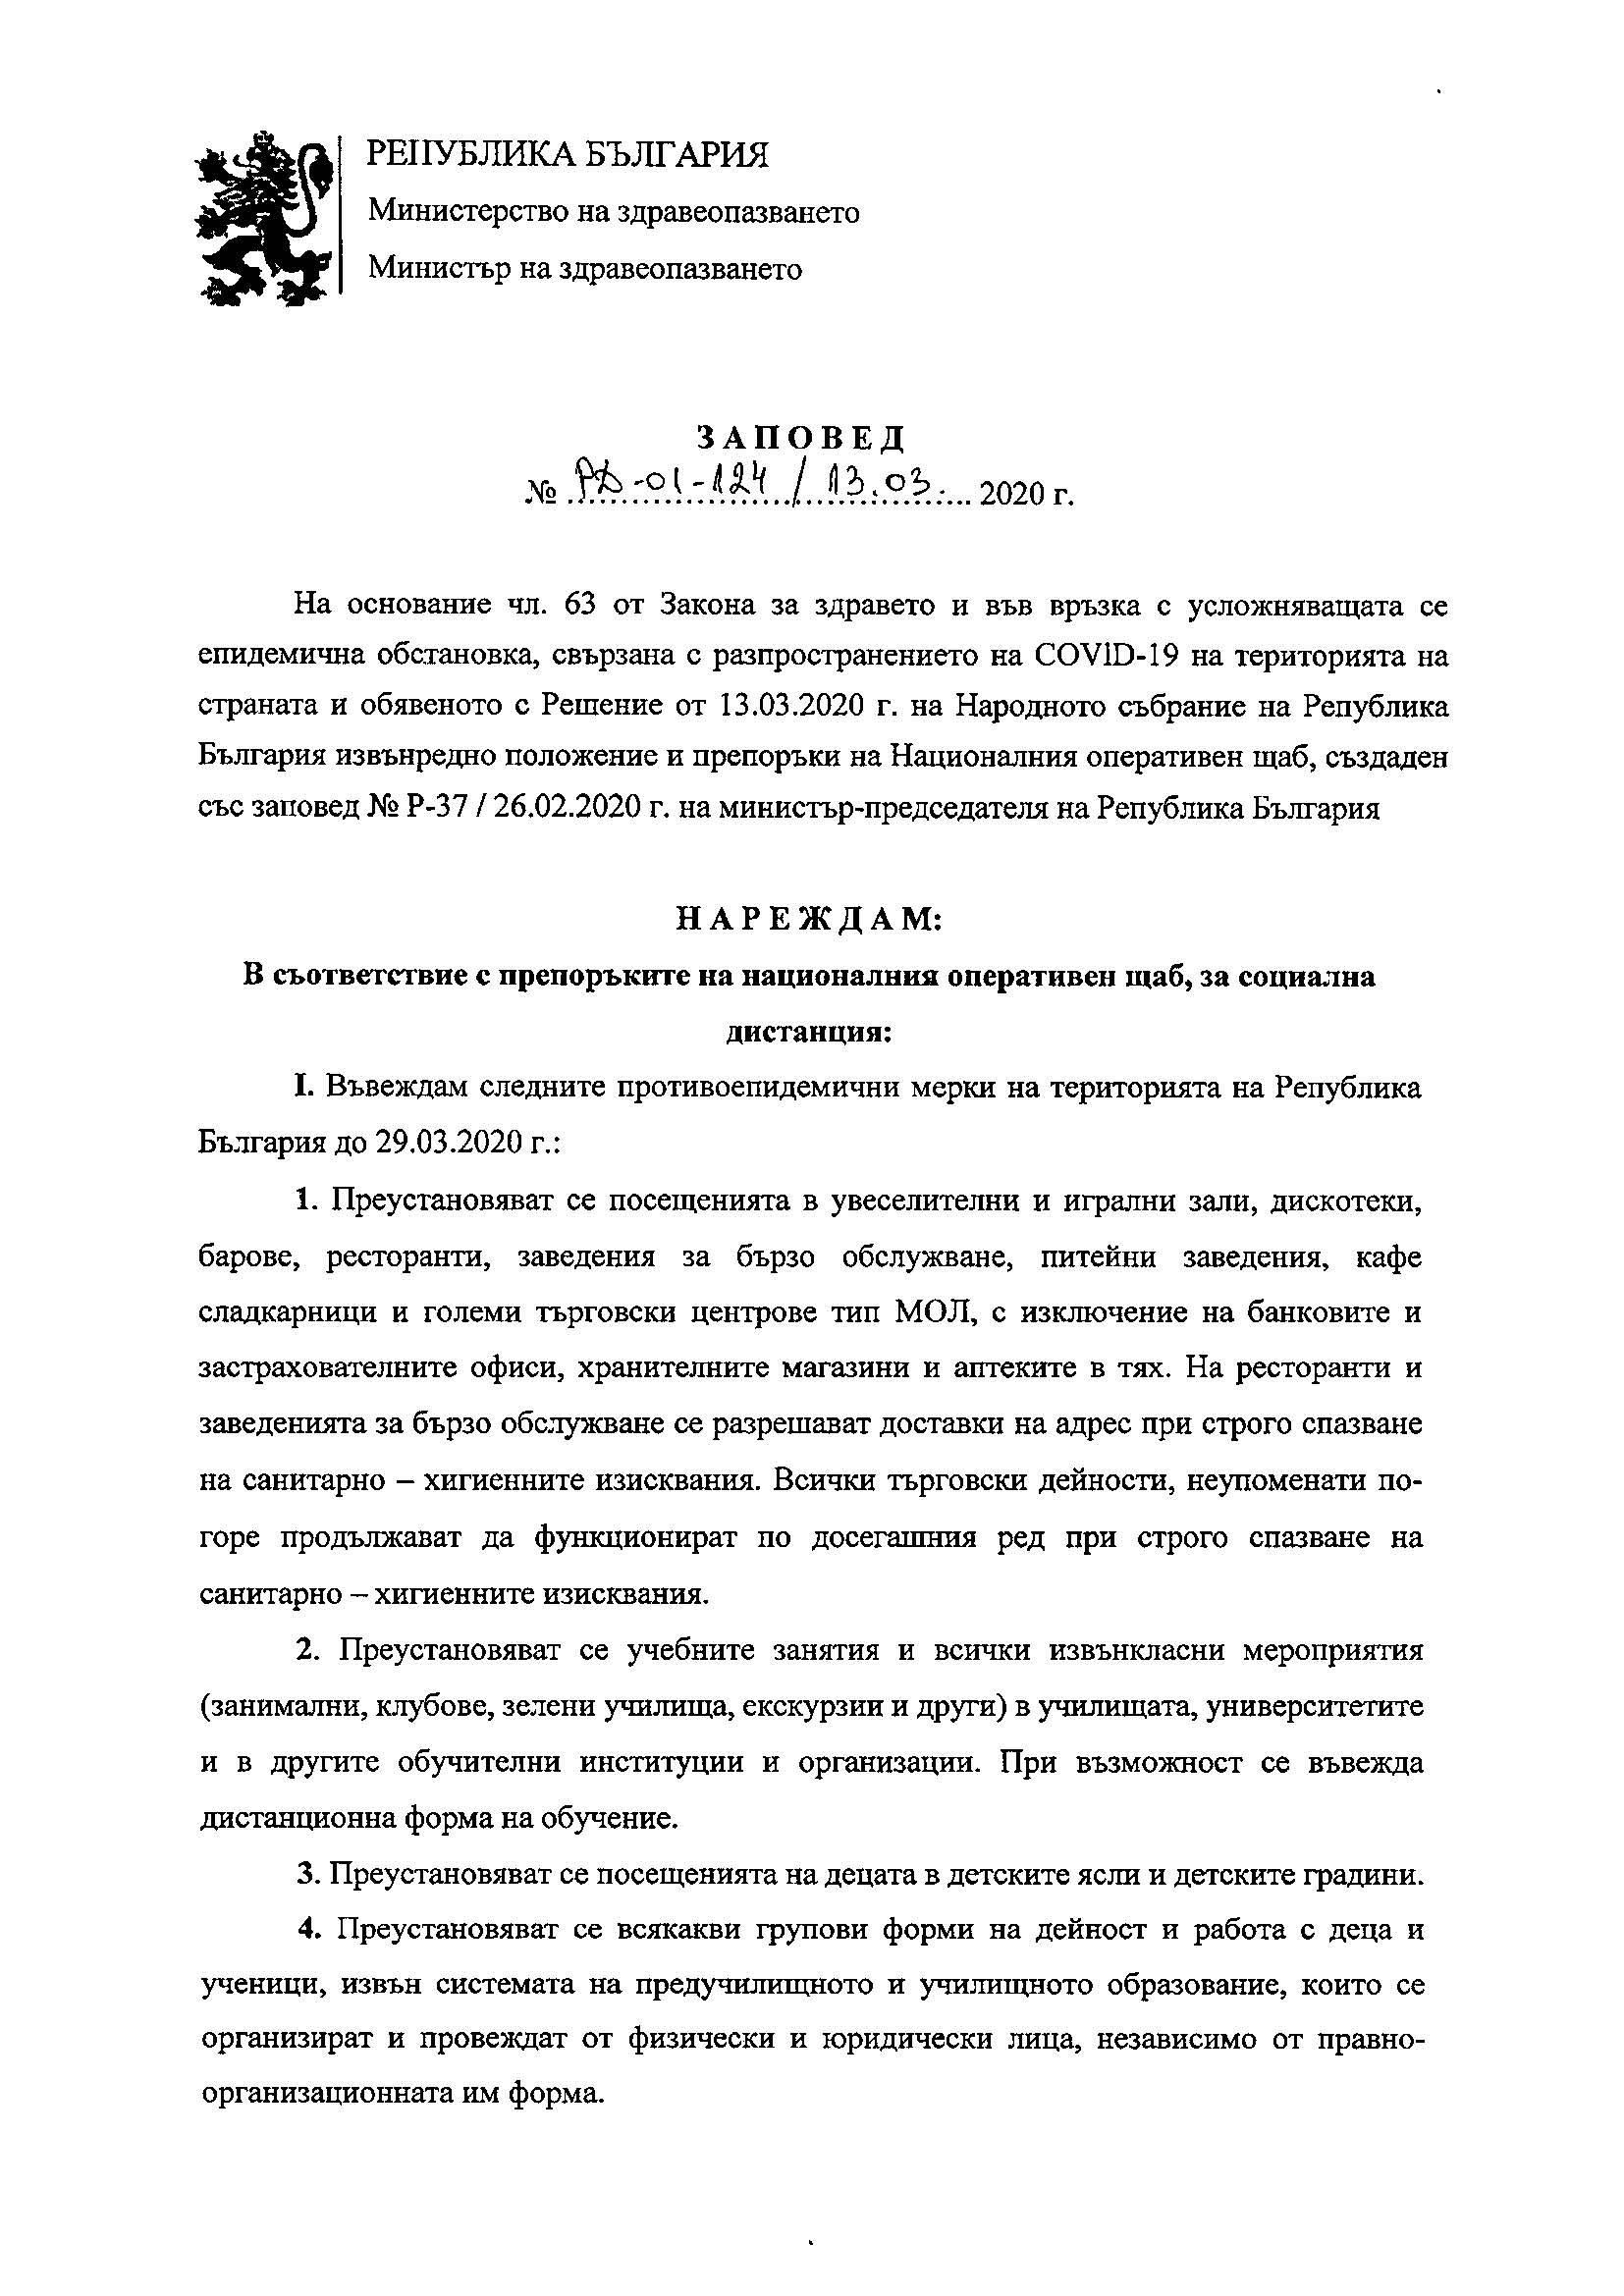 заповед за въвеждането на противоепидемични мерки в страната